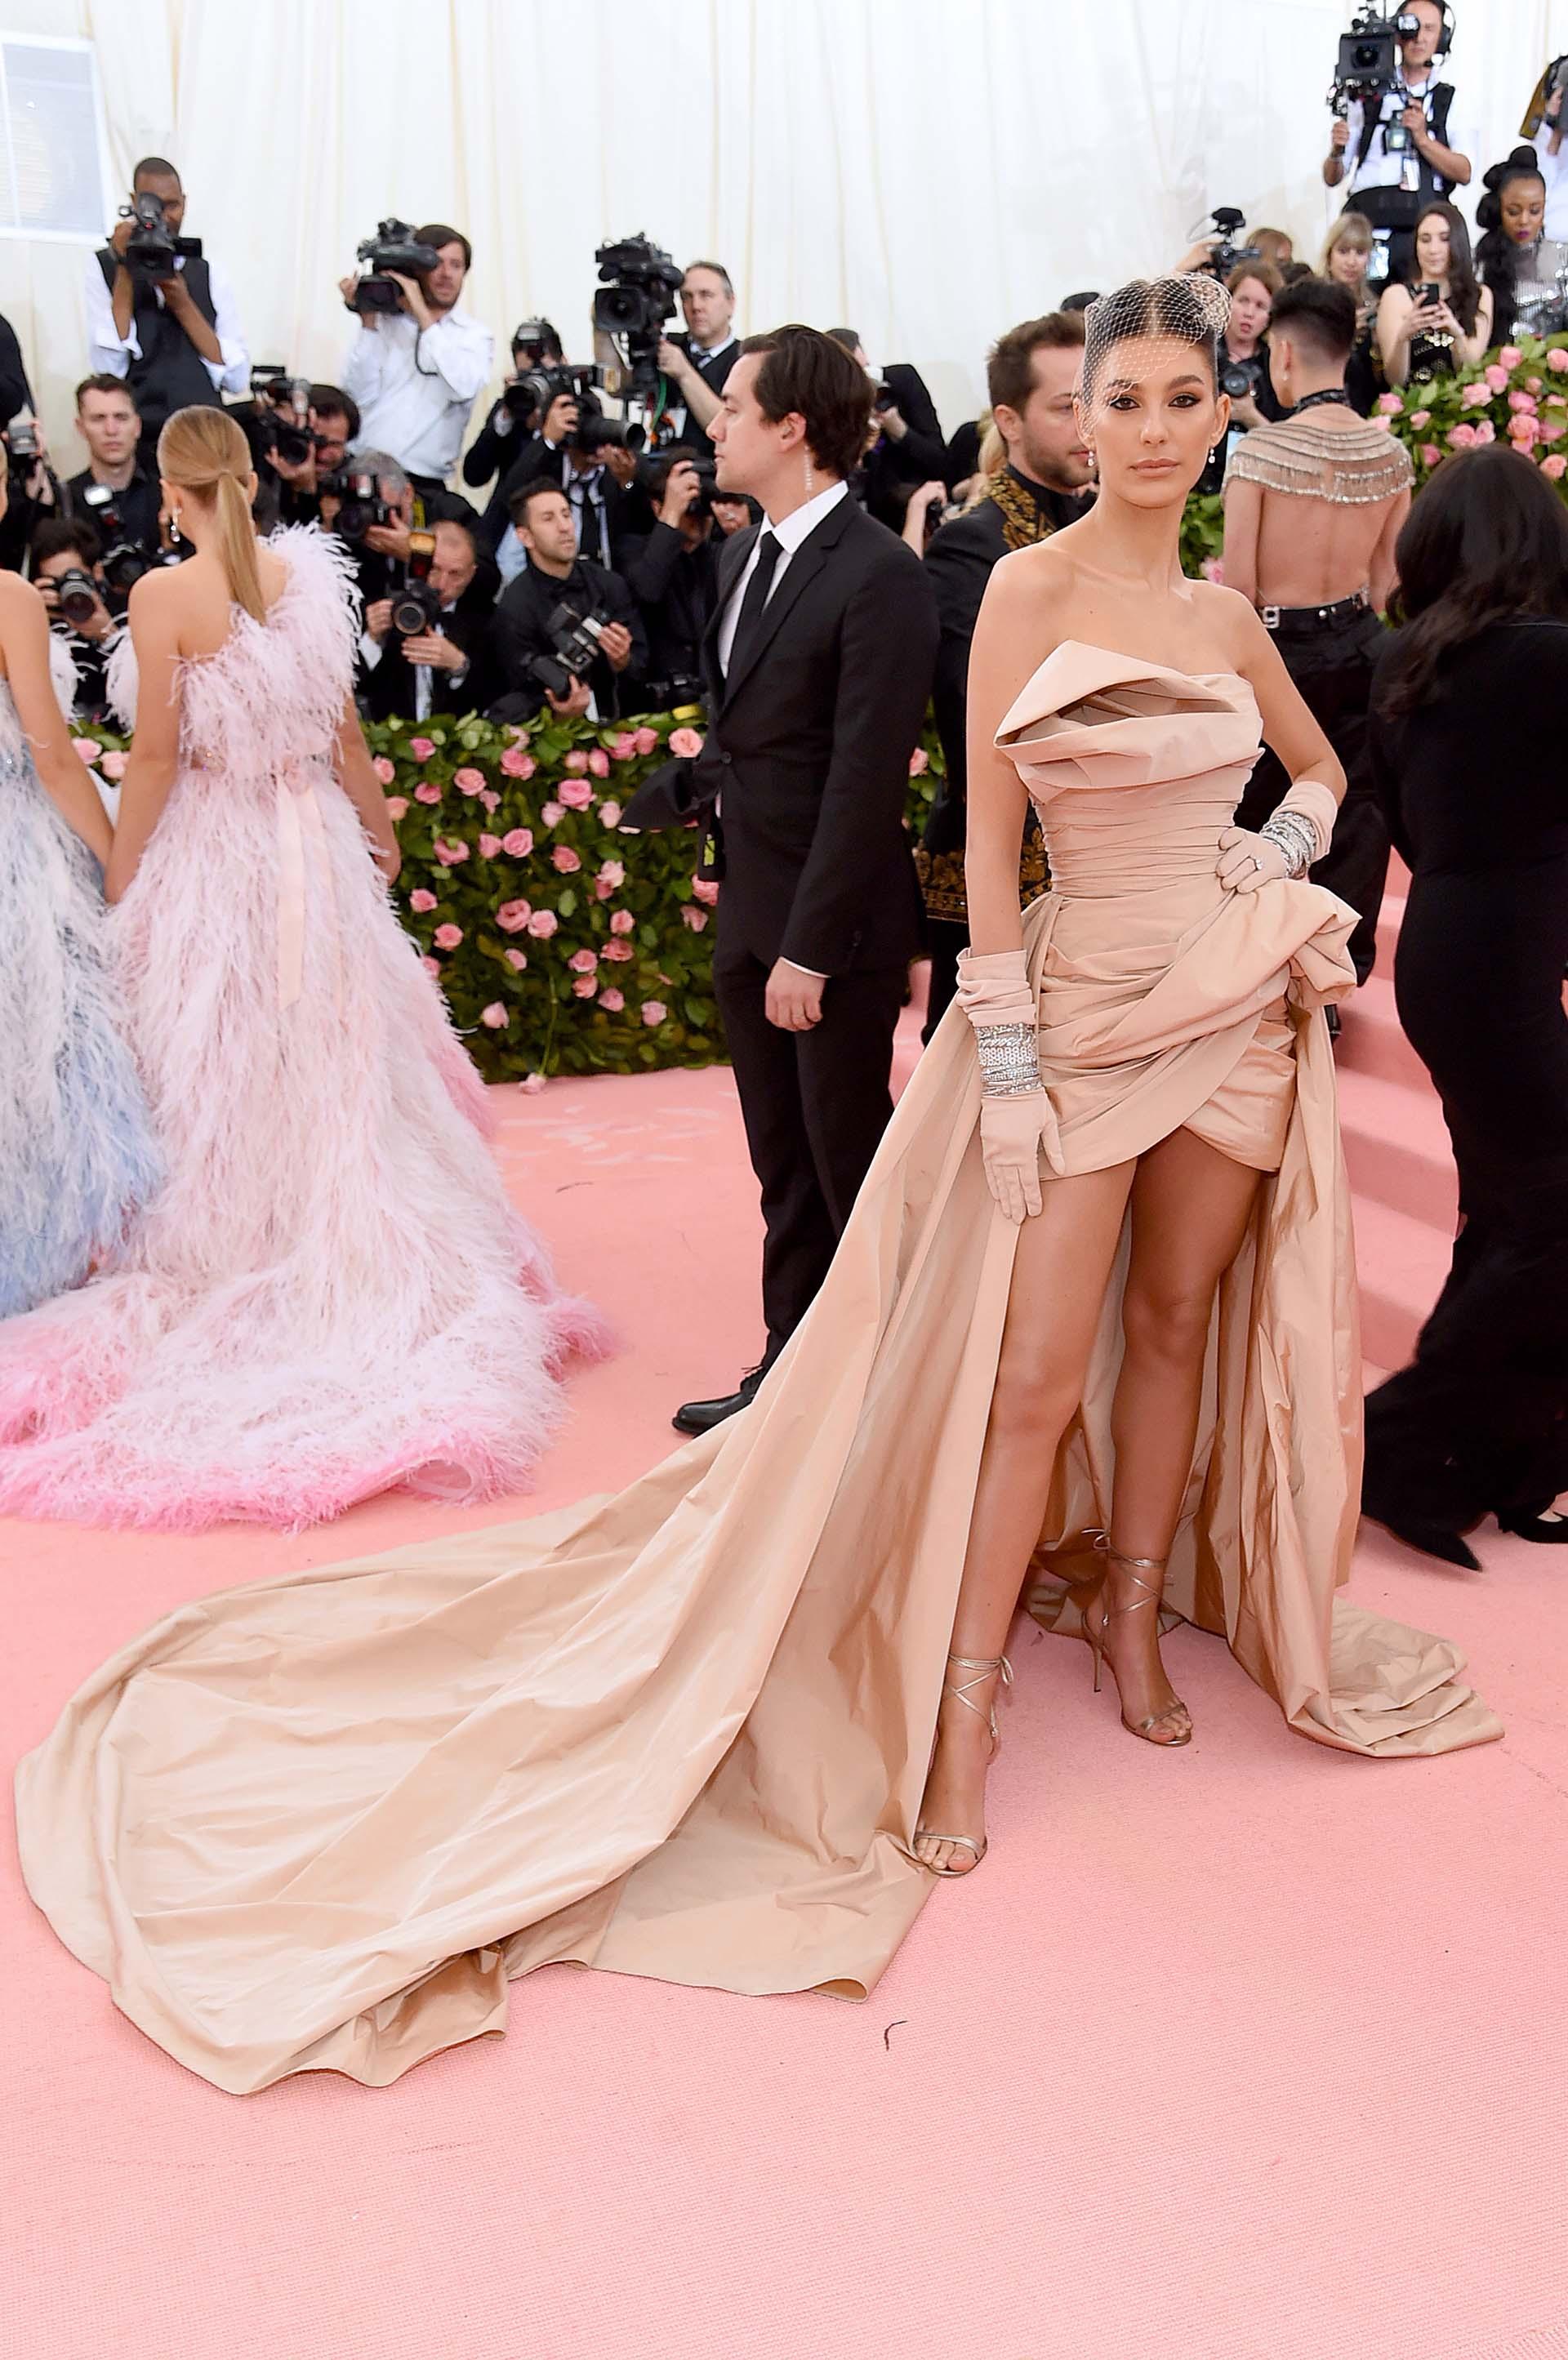 Laargentina Camila Morrone lució un vestido color nude con guantes y sandalias a tono, y un velo de red